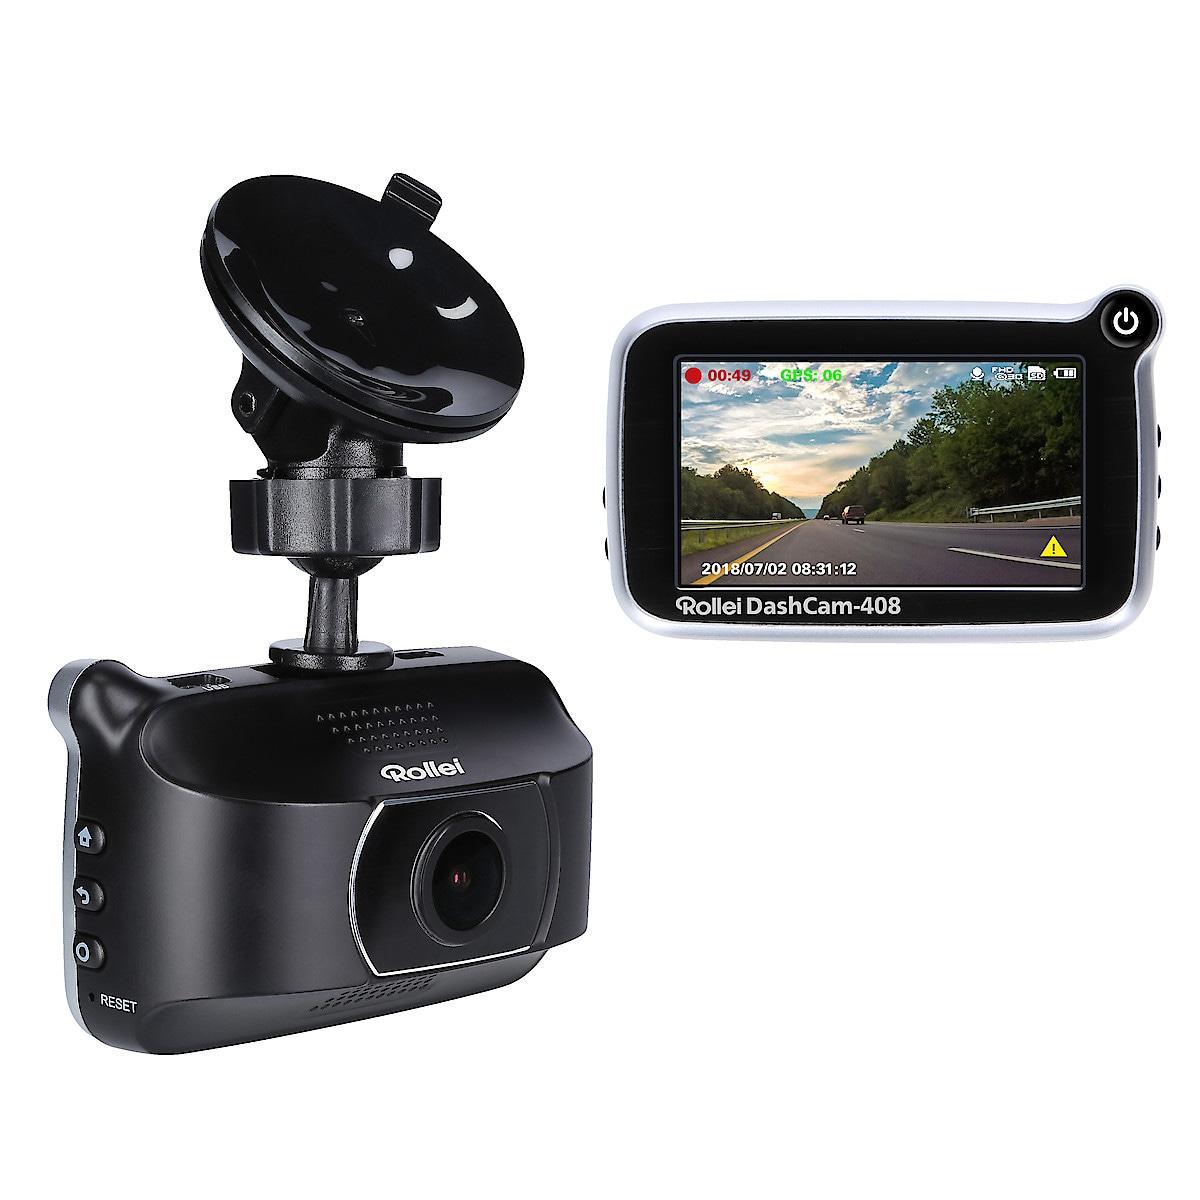 Kojelautakamera Rollei Dashcam 408